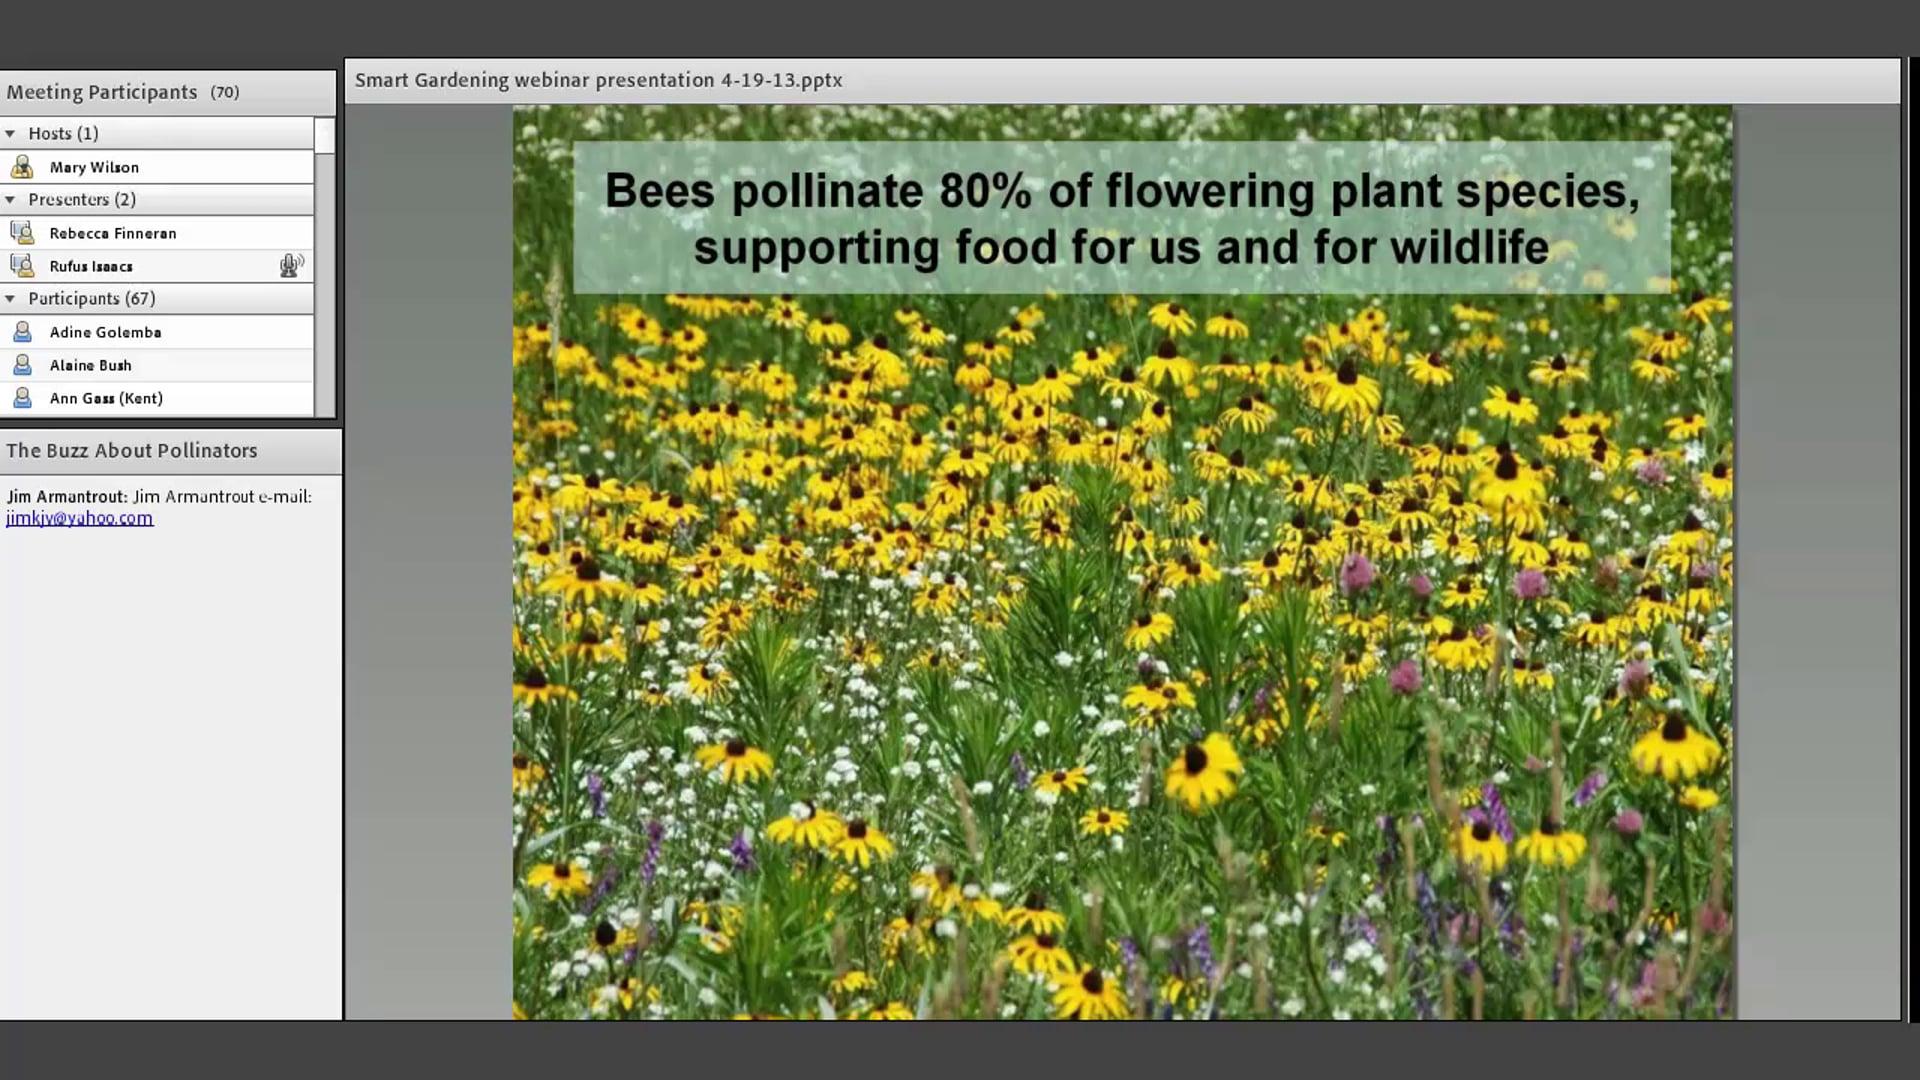 Smart Gardening for Pollinators